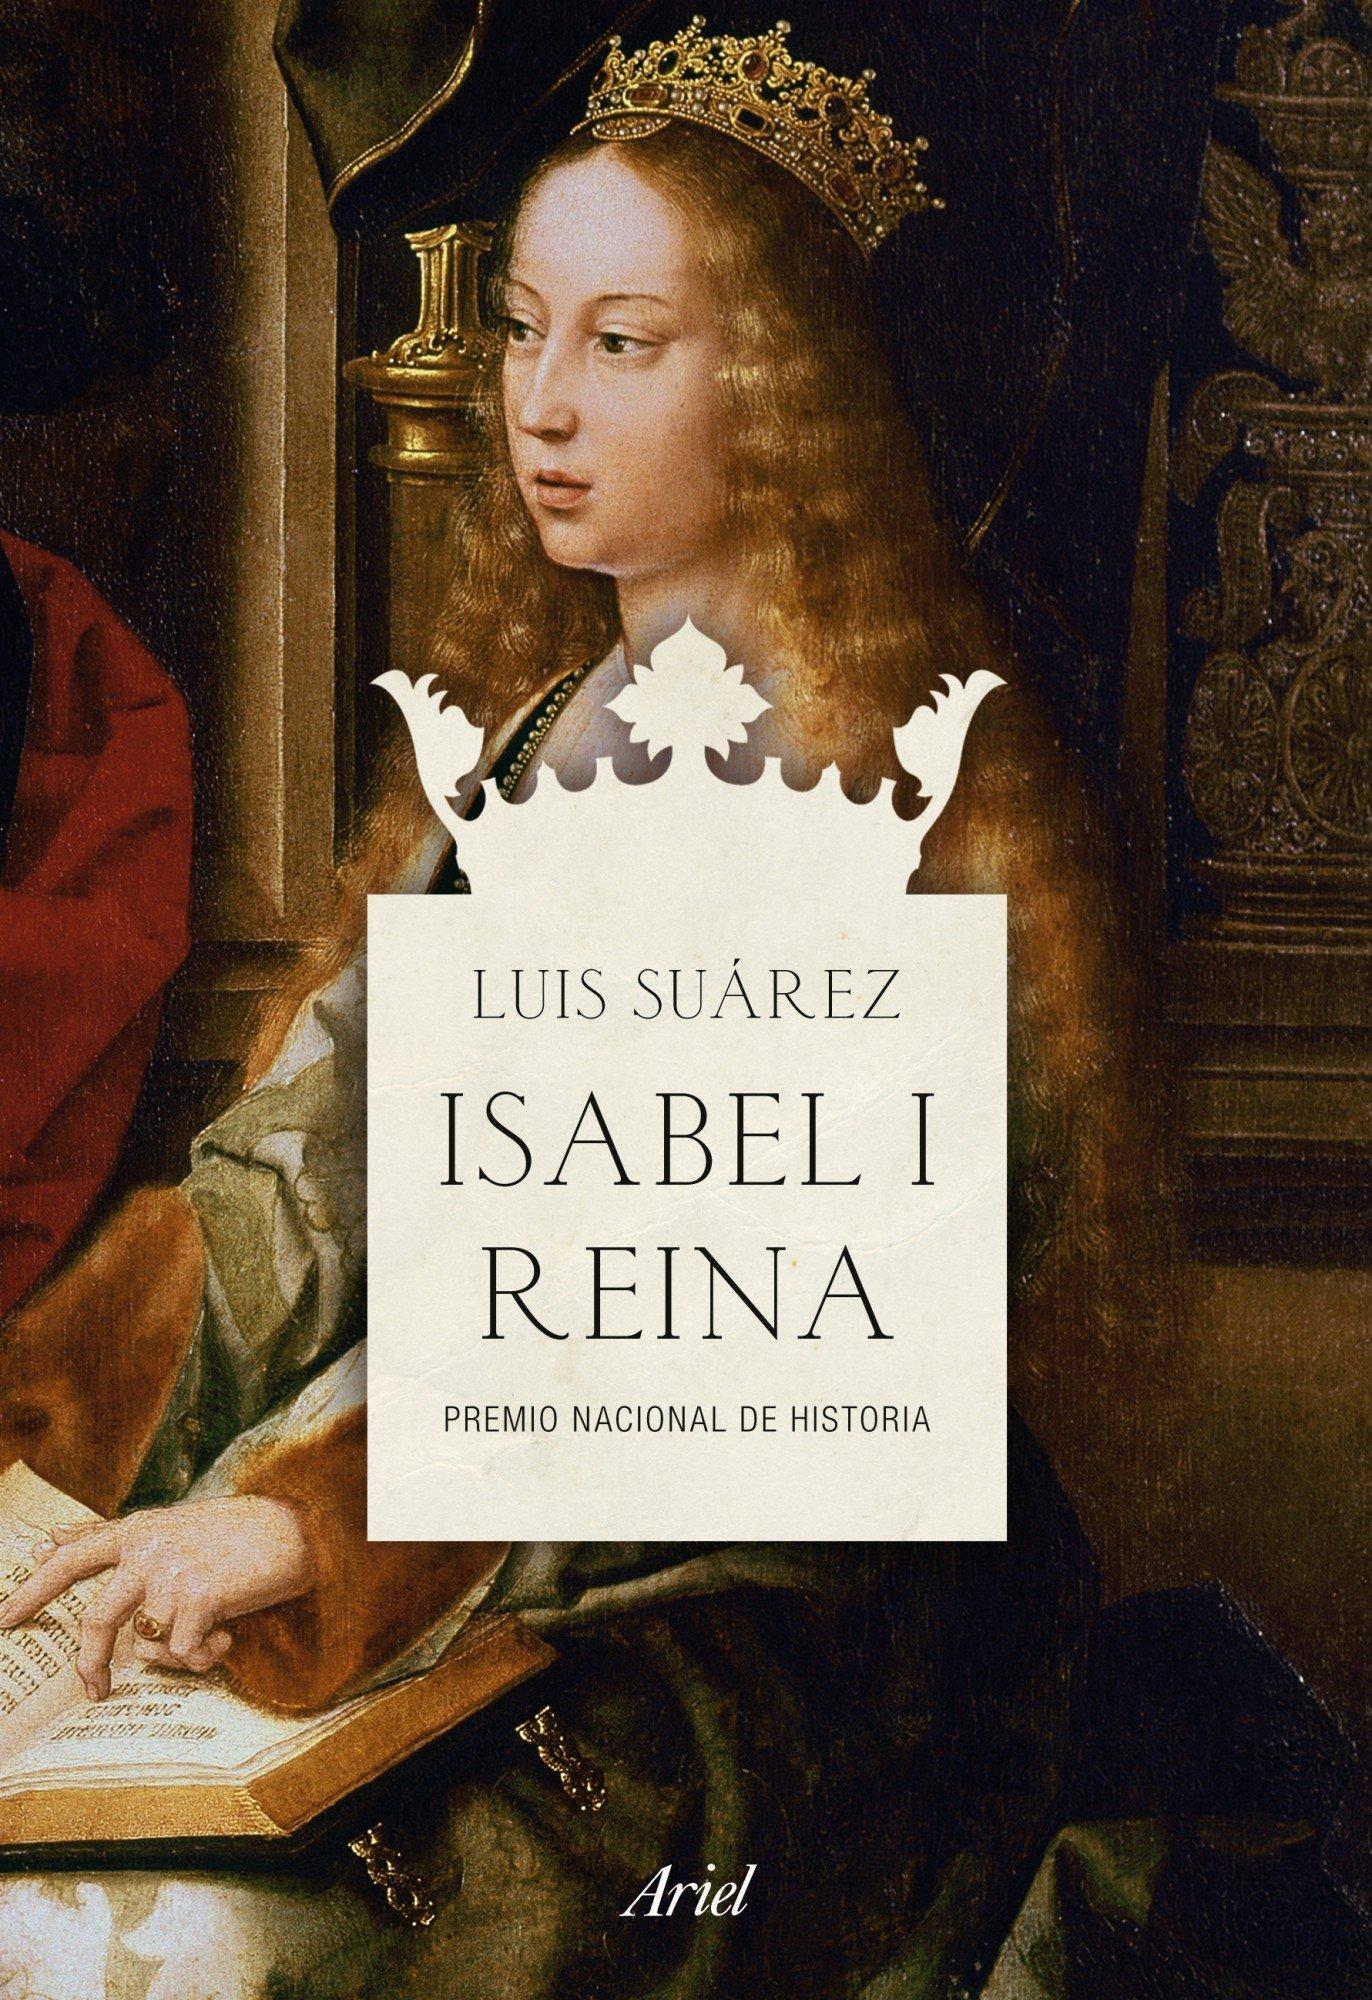 Isabel I, Reina: Premio Nacional de Historia (Ariel): Amazon.es: Suárez, Luis: Libros